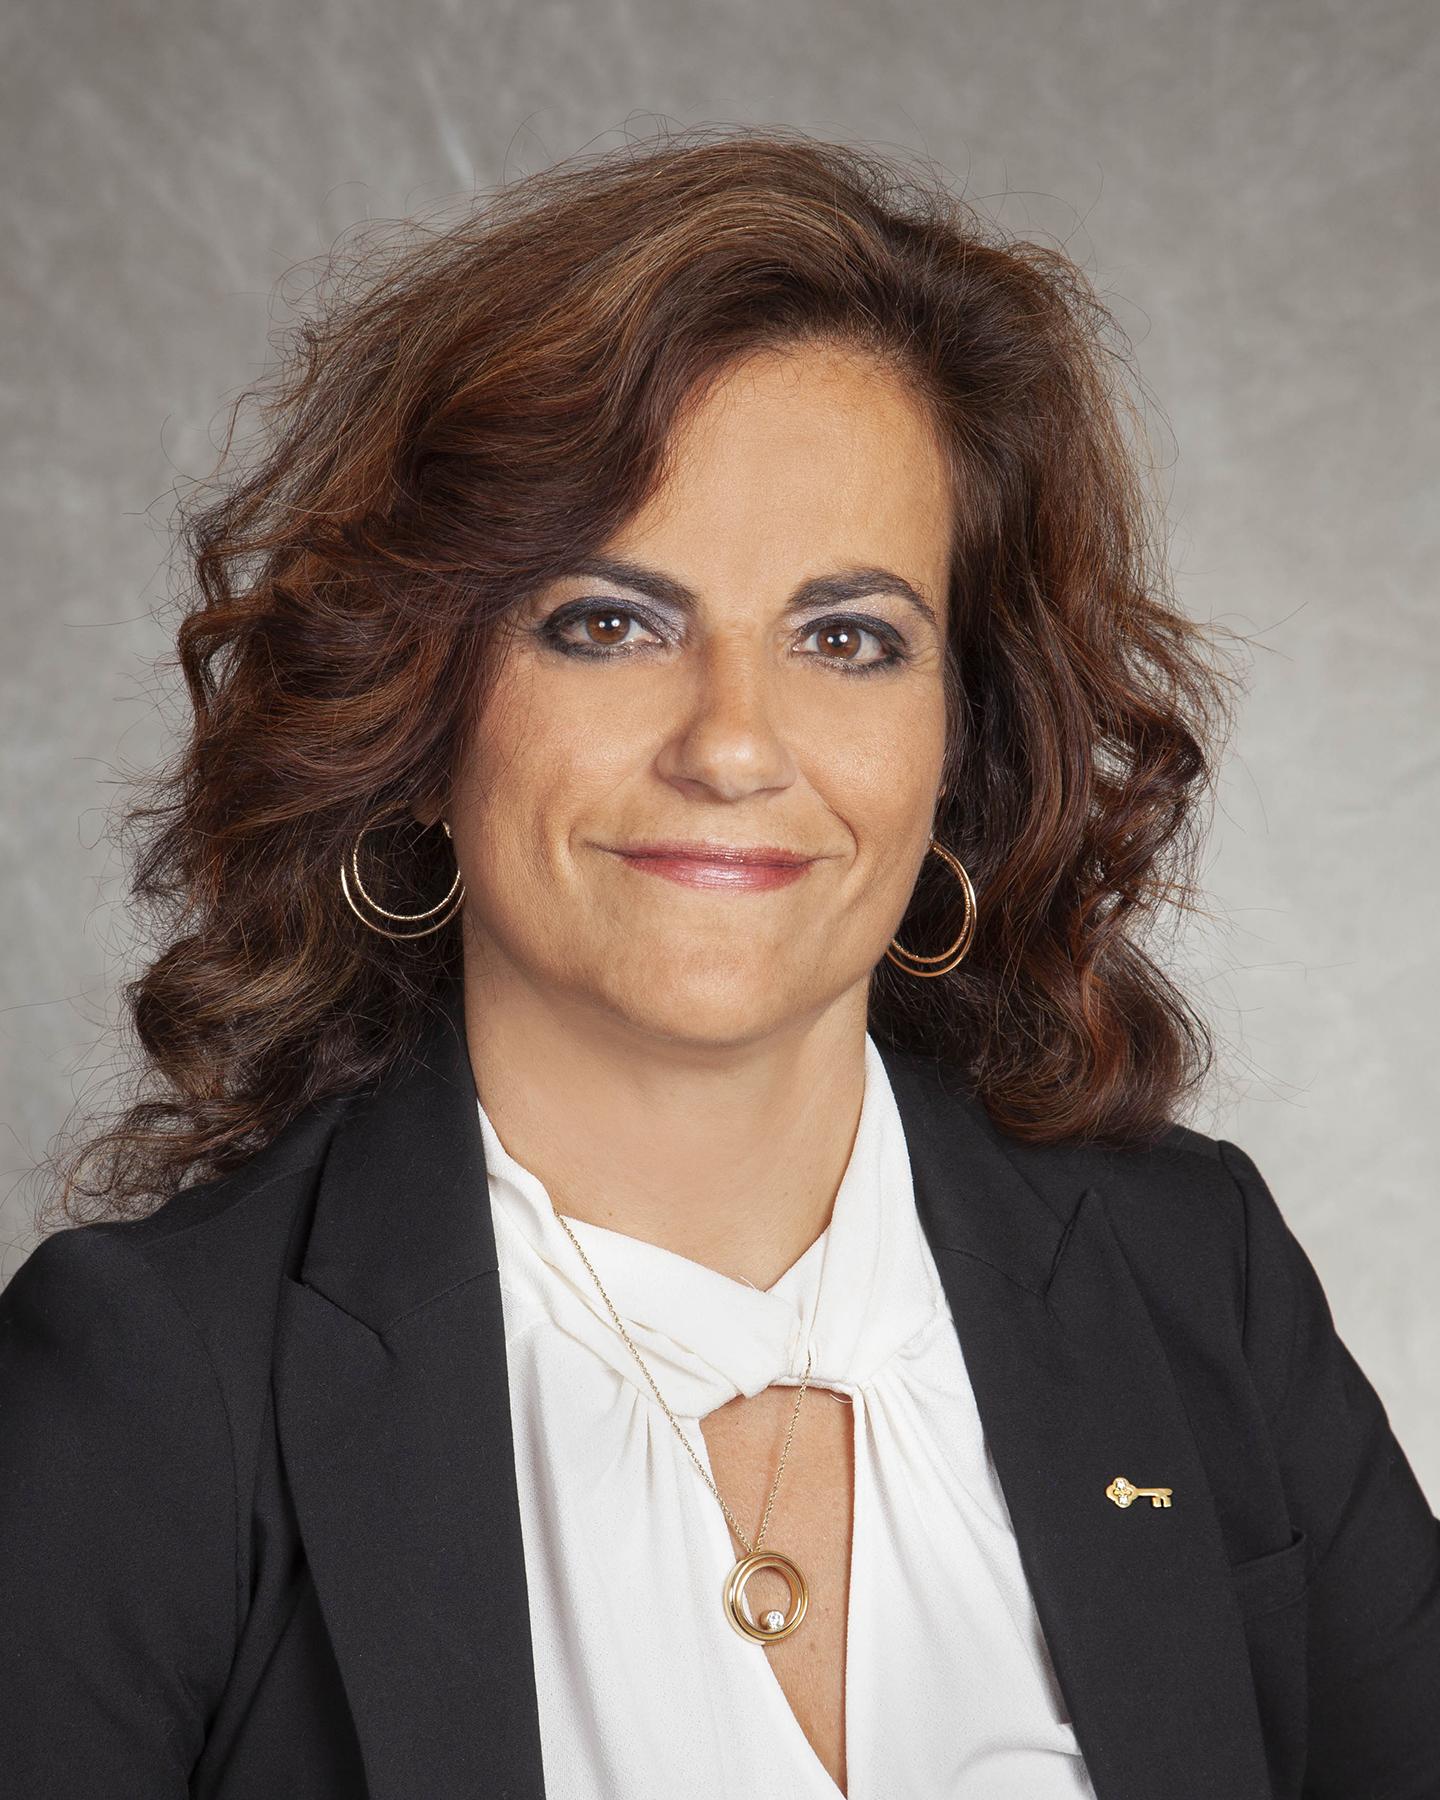 Rita Mcpeck